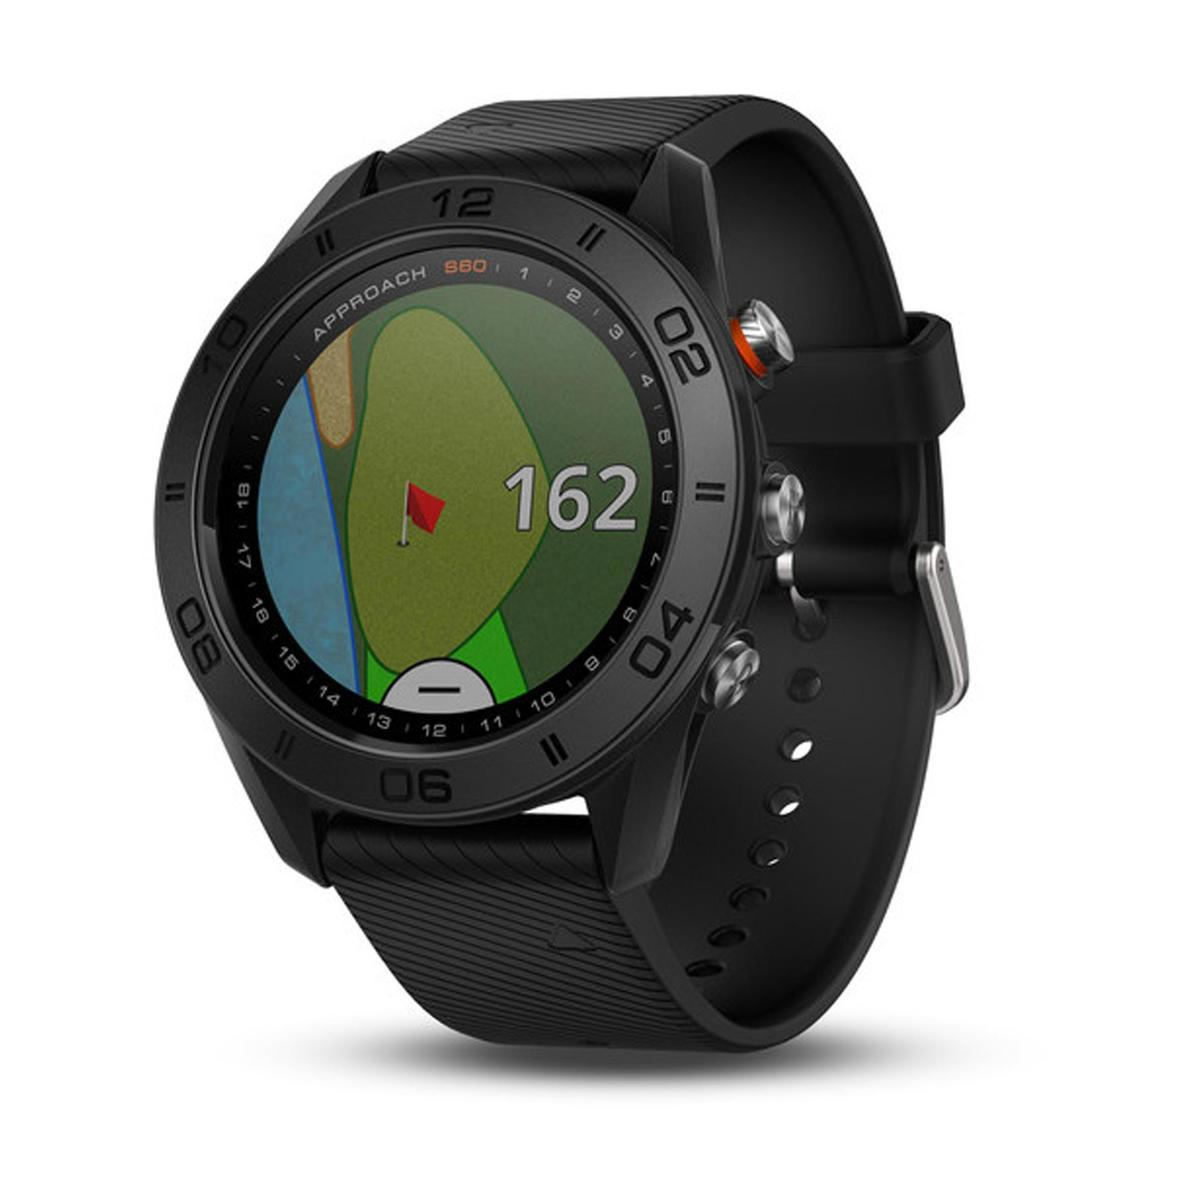 Bild 4 von Golf GPS-Uhr Approach S60 schwarz